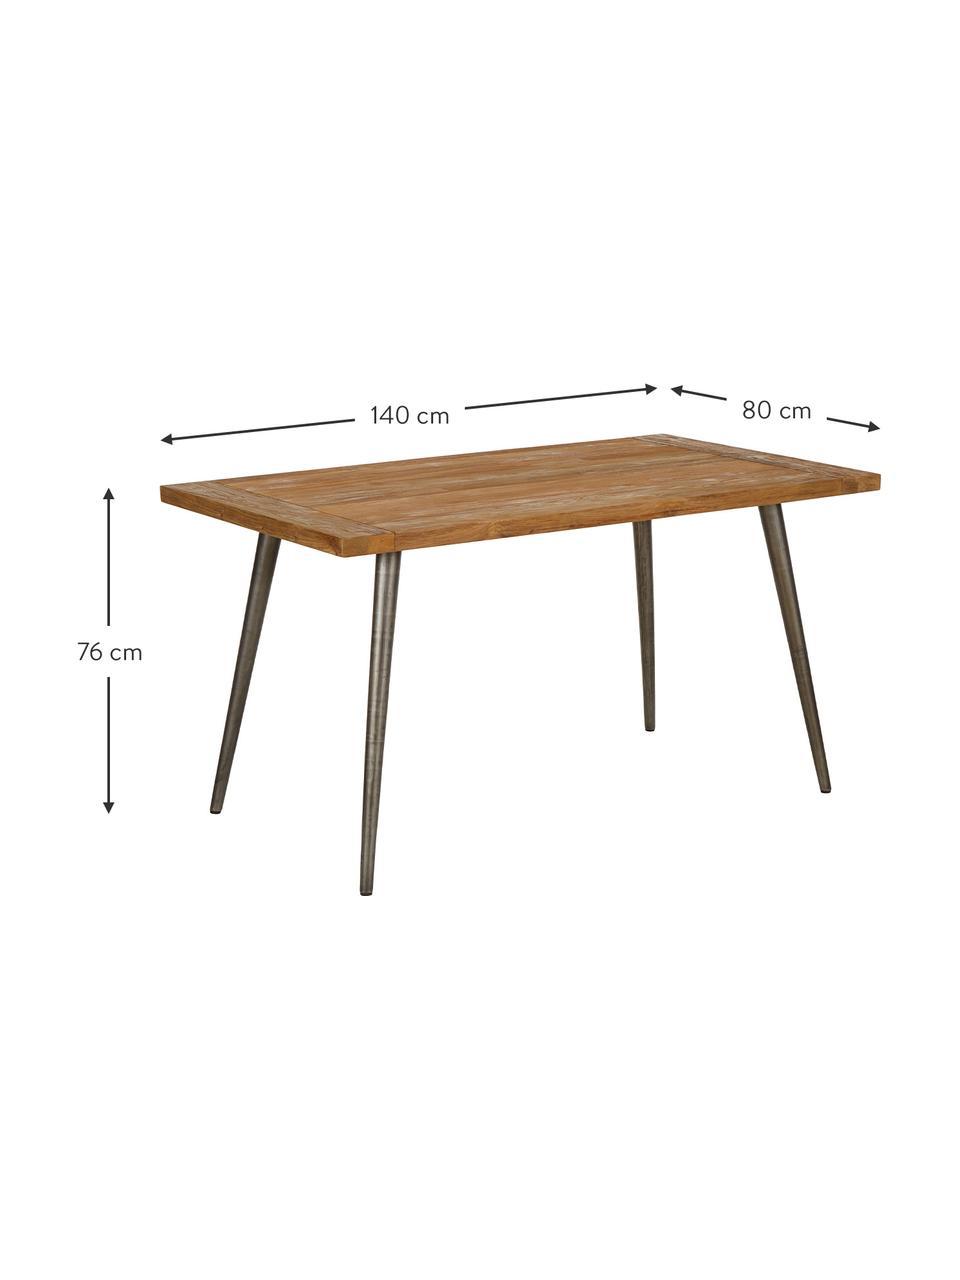 Stół do jadalni z blatem z litego drewna Kapal, Blat: lite drewno tekowe pochod, Nogi: stal z celowymi śladami u, Drewno tekowe, S 160 x G 80 cm